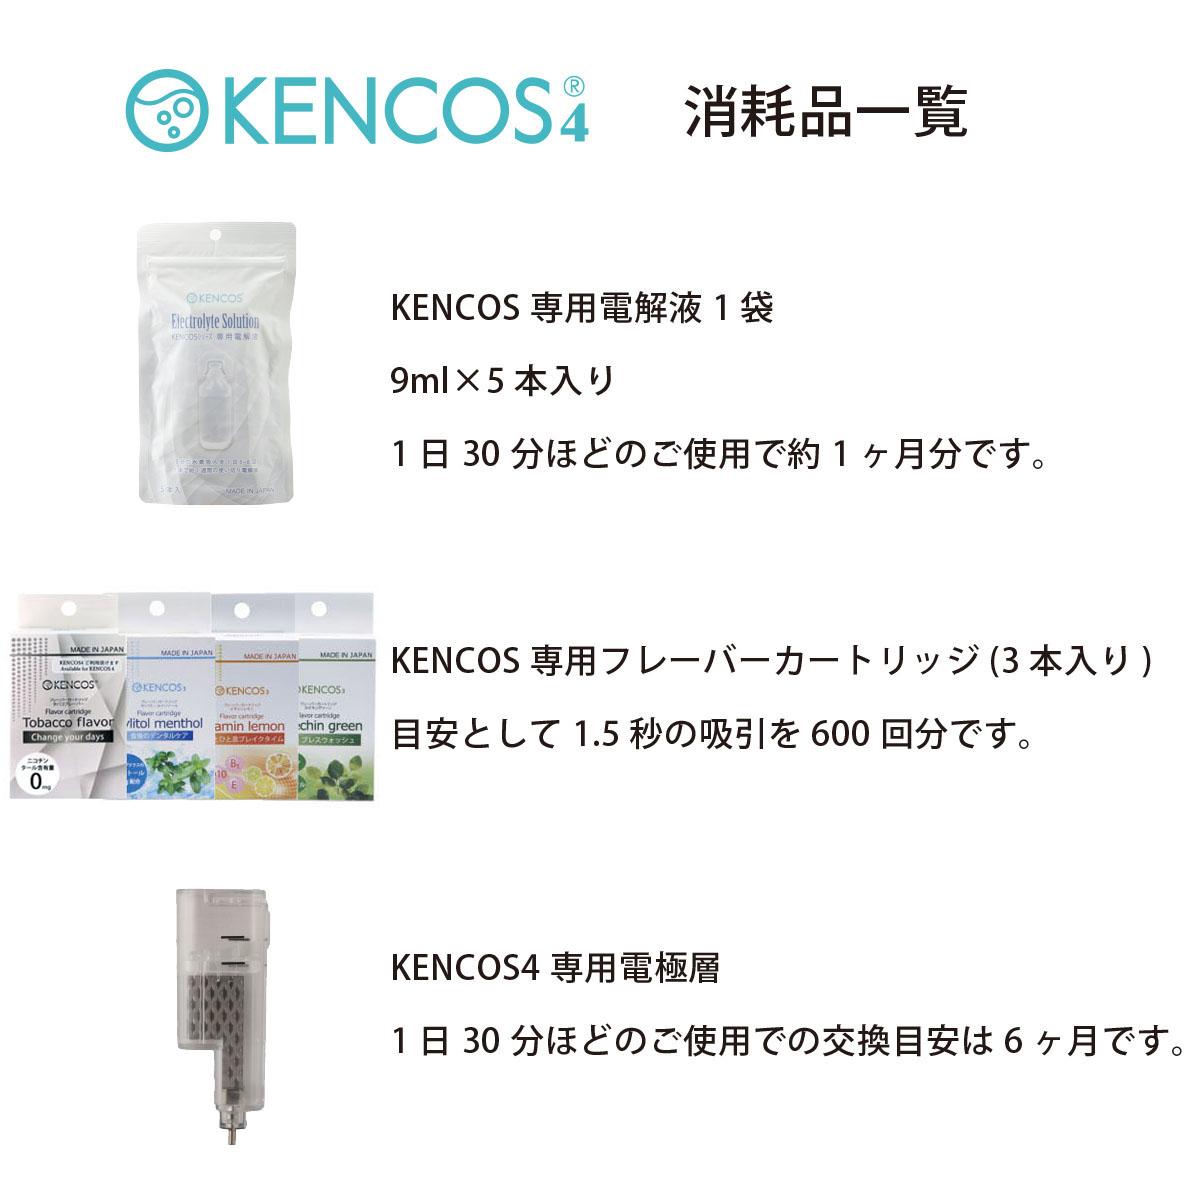 KENCOSの消耗品